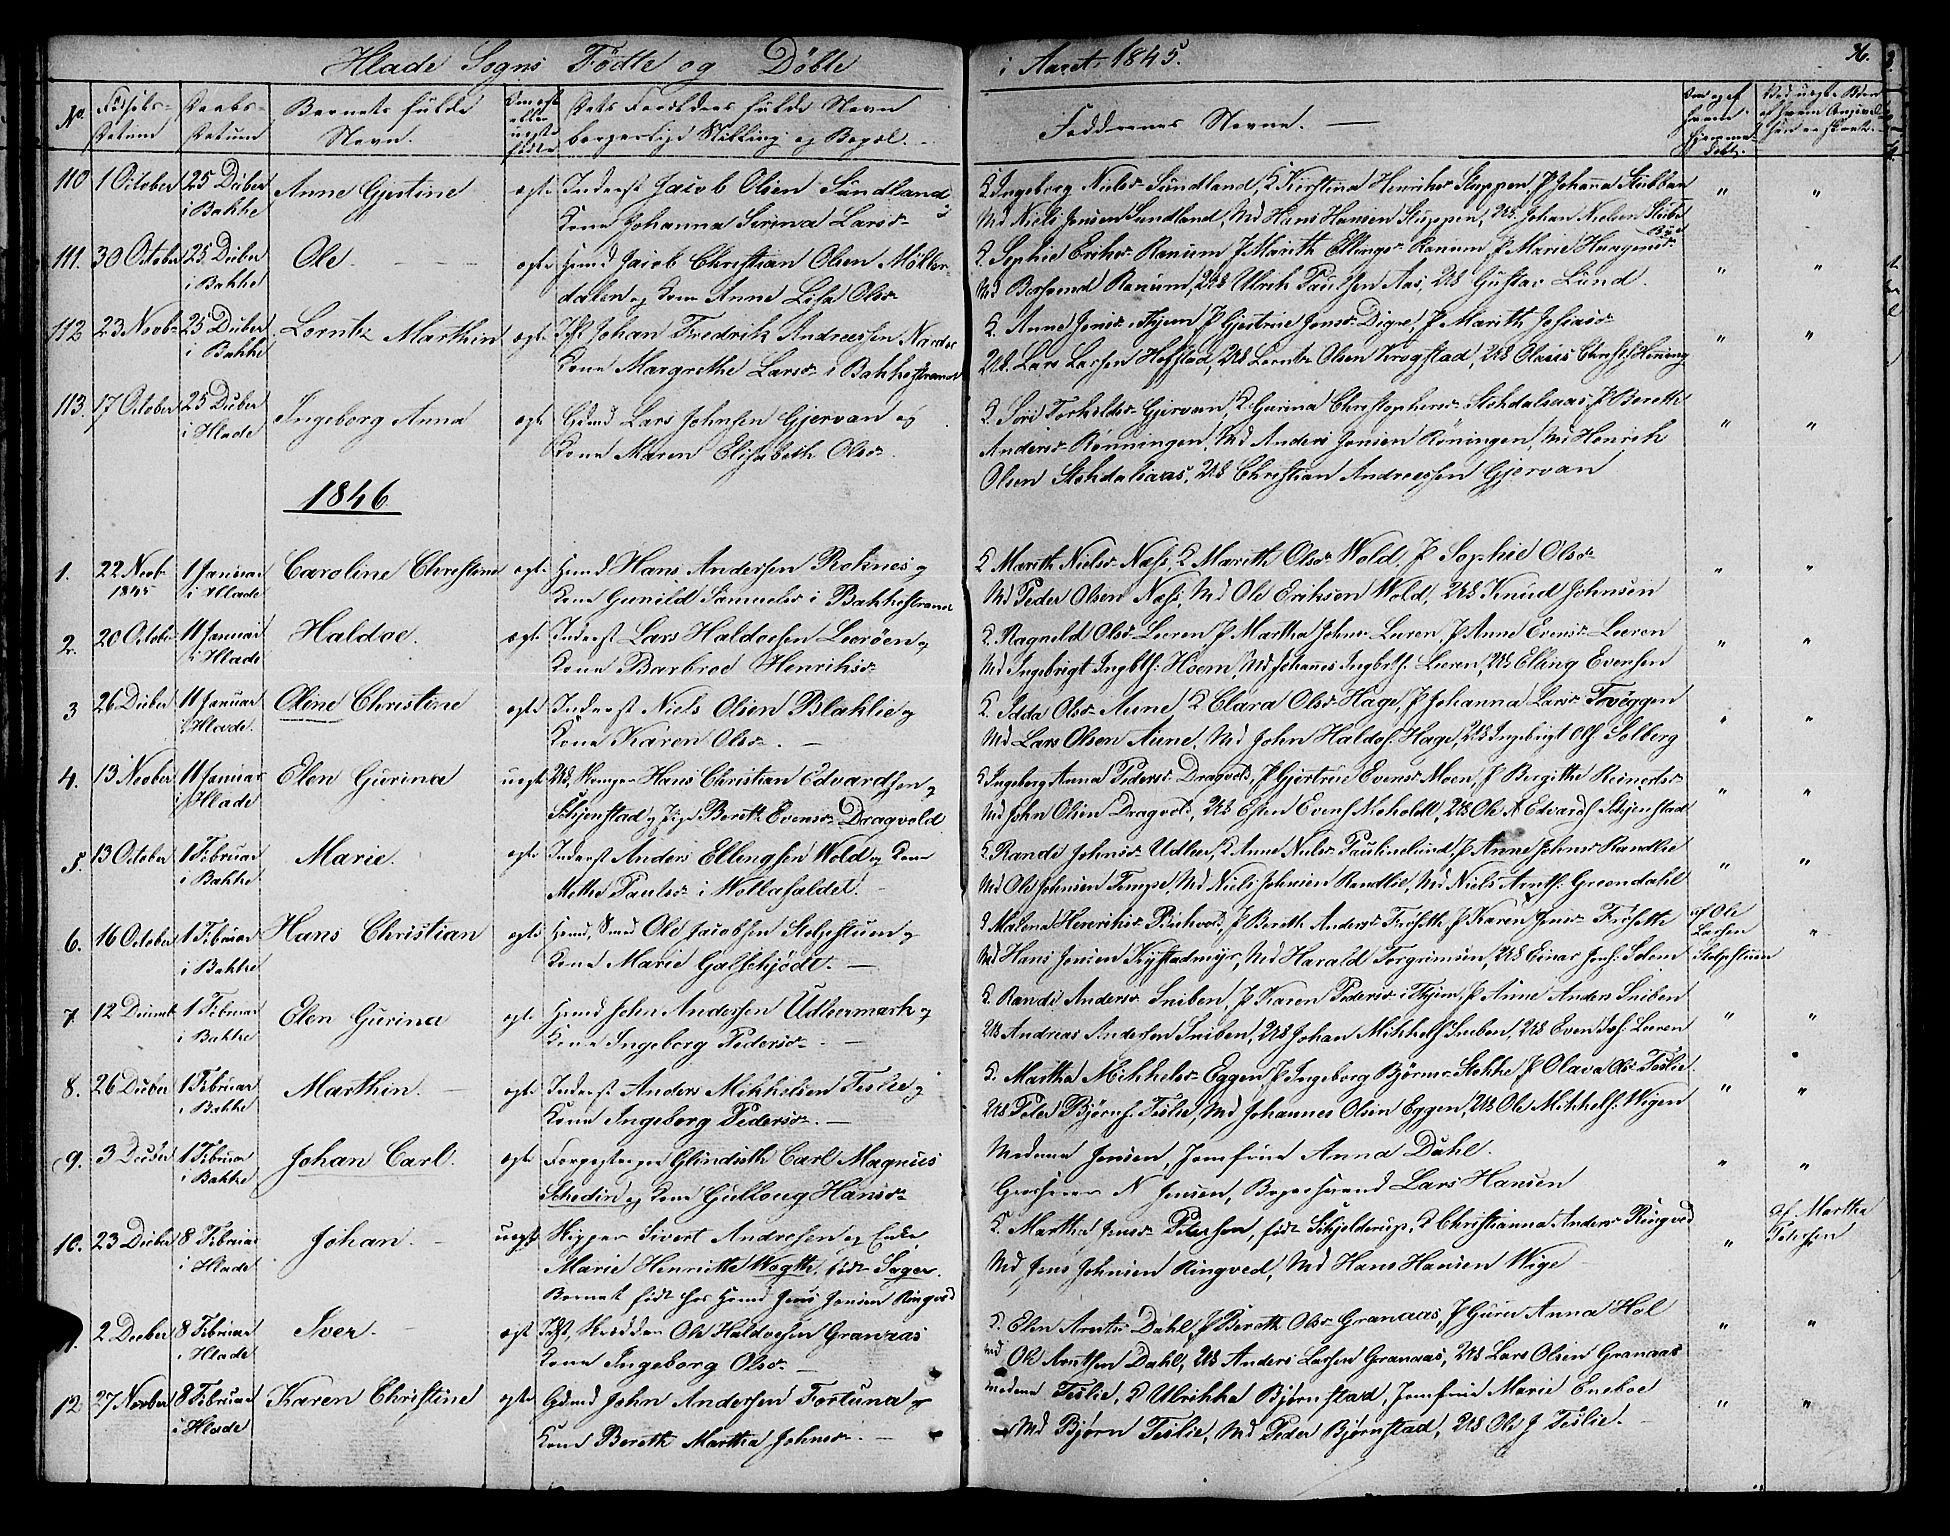 SAT, Ministerialprotokoller, klokkerbøker og fødselsregistre - Sør-Trøndelag, 606/L0309: Klokkerbok nr. 606C05, 1841-1849, s. 36